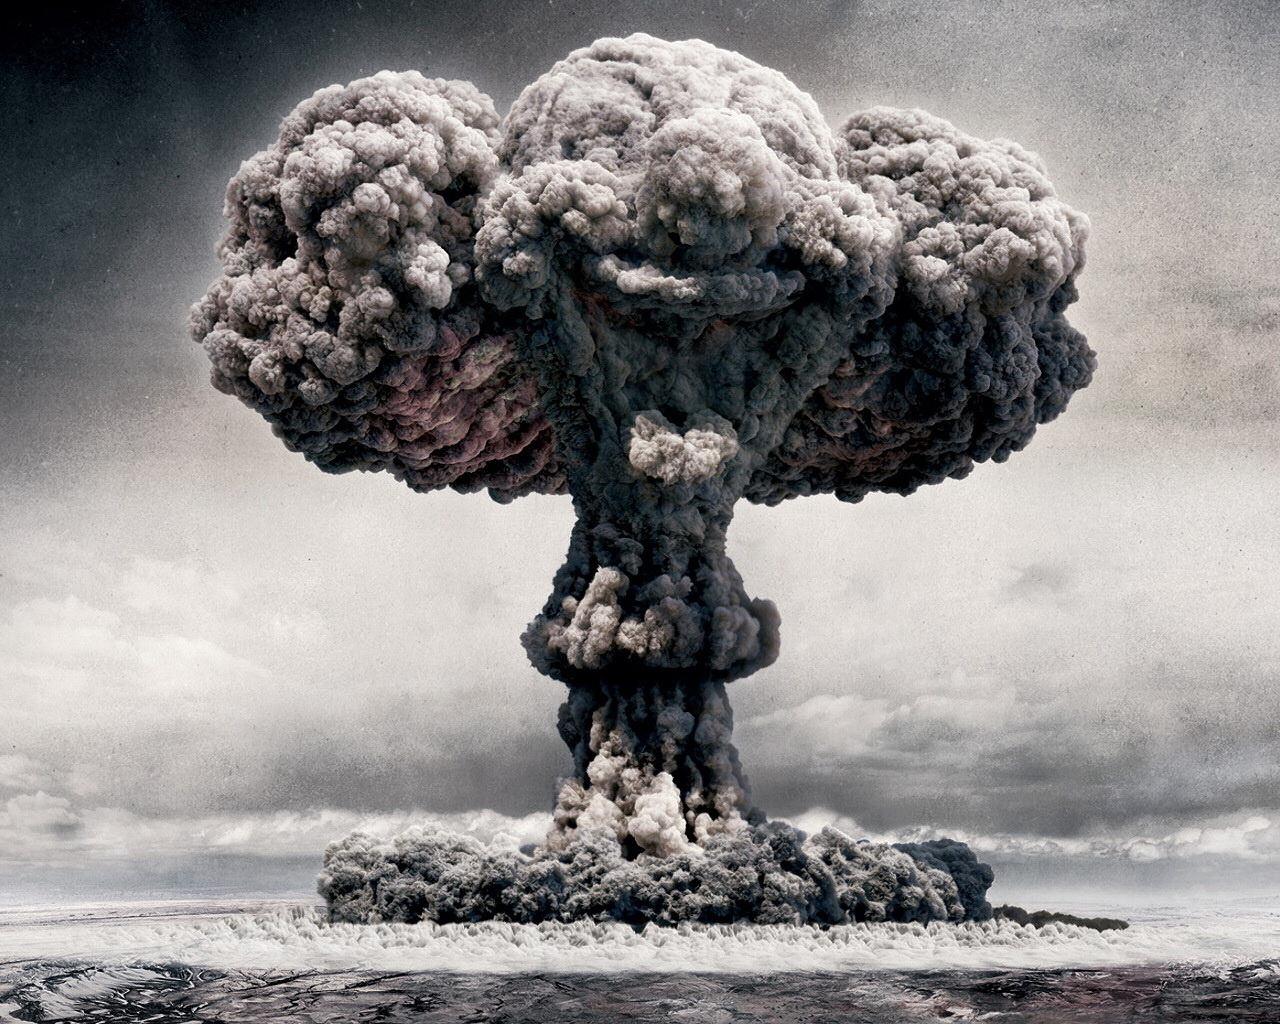 Атомный взрыв, ядерный взрыв, фото, скачать обои для рабочего стола